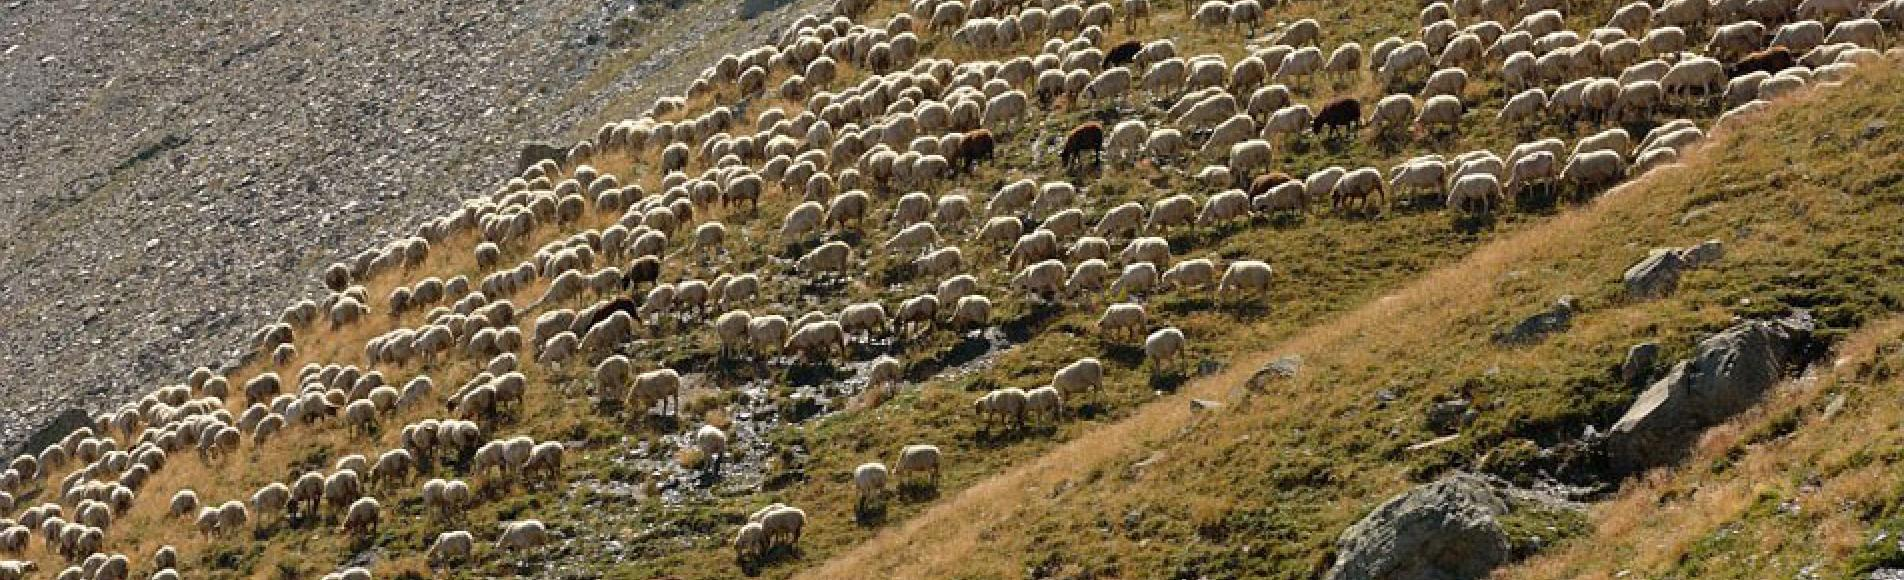 Troupeau dans les Ecrins © M.Coulon - Parc national des Ecrins